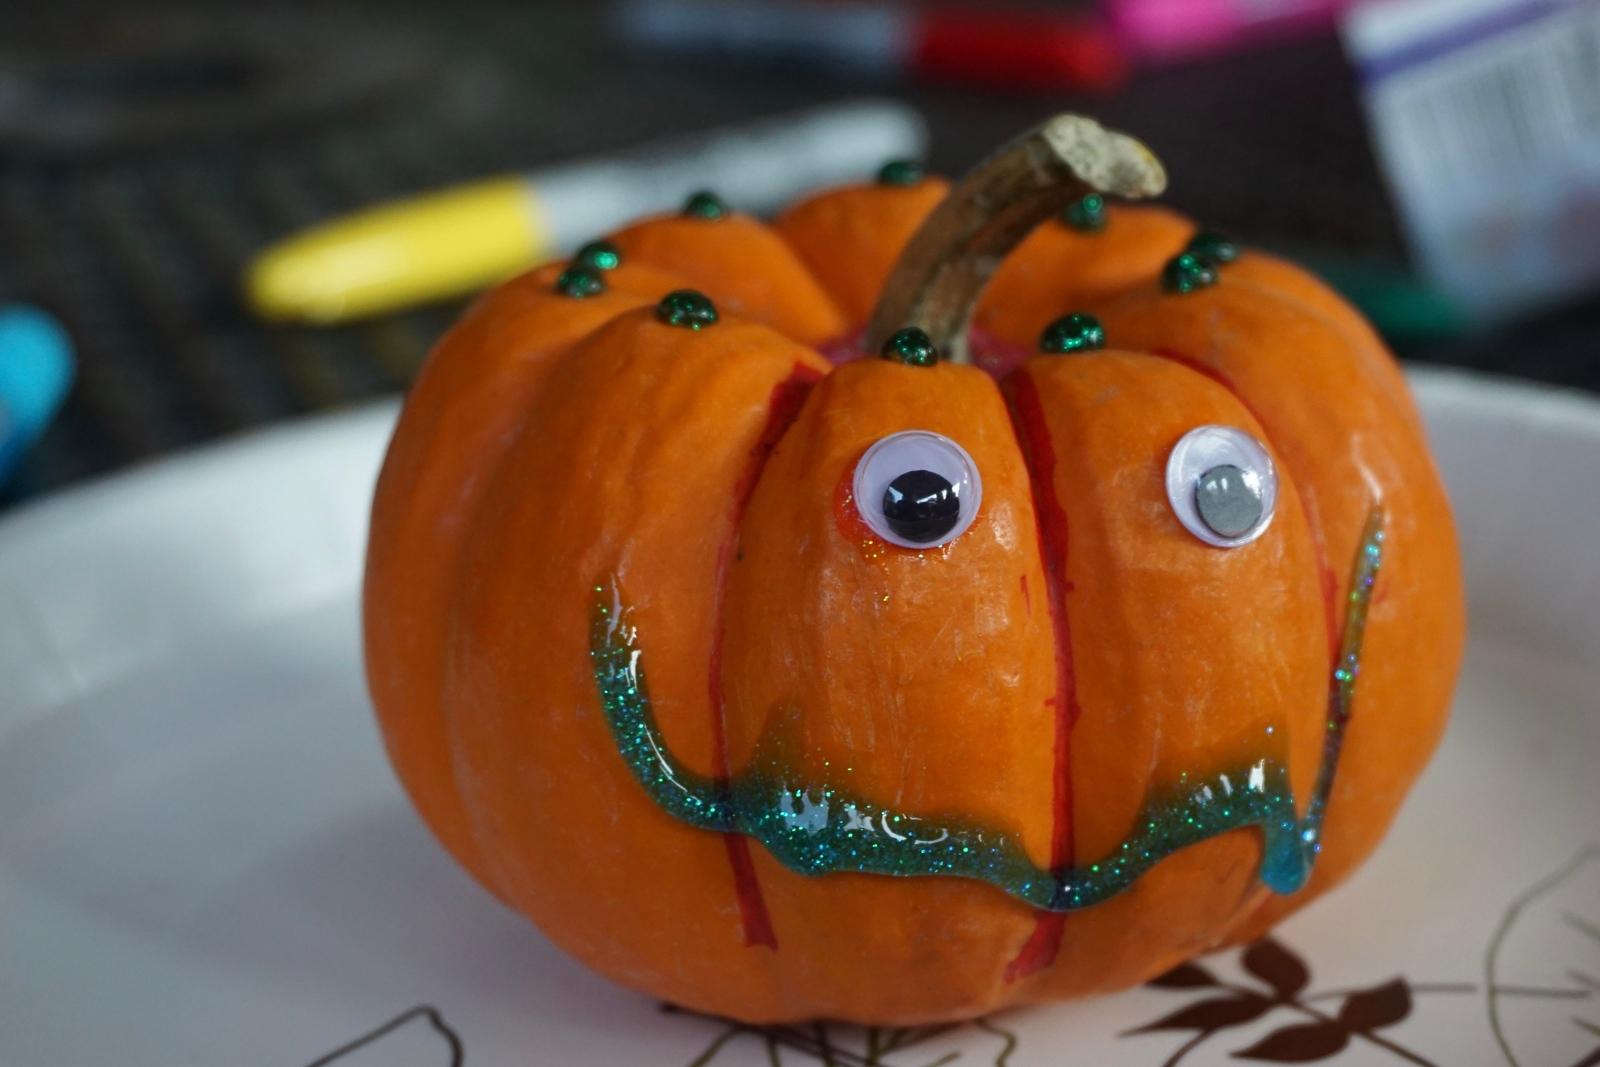 A decorated pumpkin